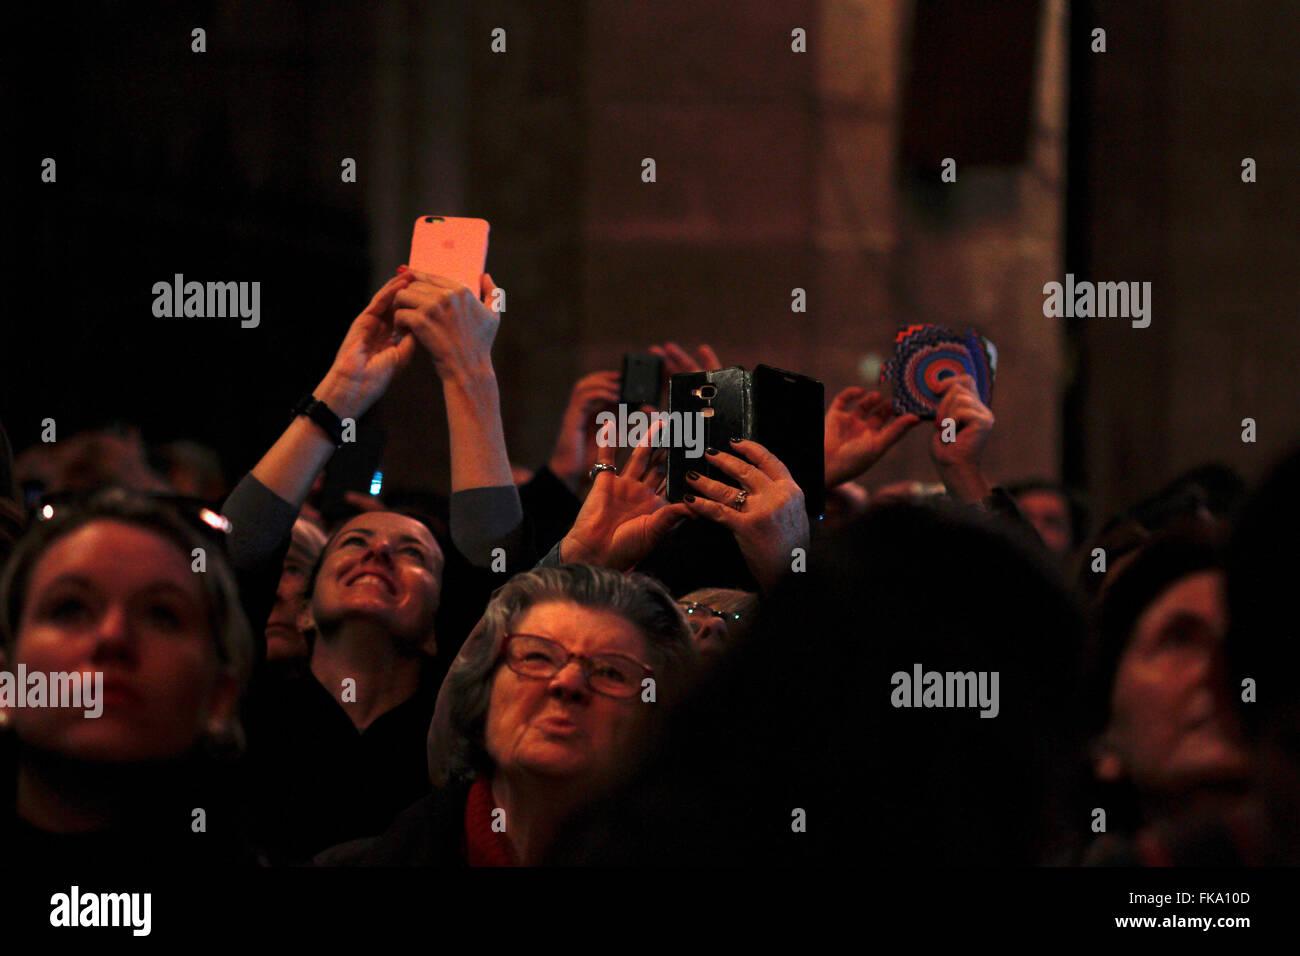 Palma de Mallorca, Spagna - 02 febbraio, 2016. La gente che prende le immagini in uno spettacolo della cattedrale. Immagini Stock